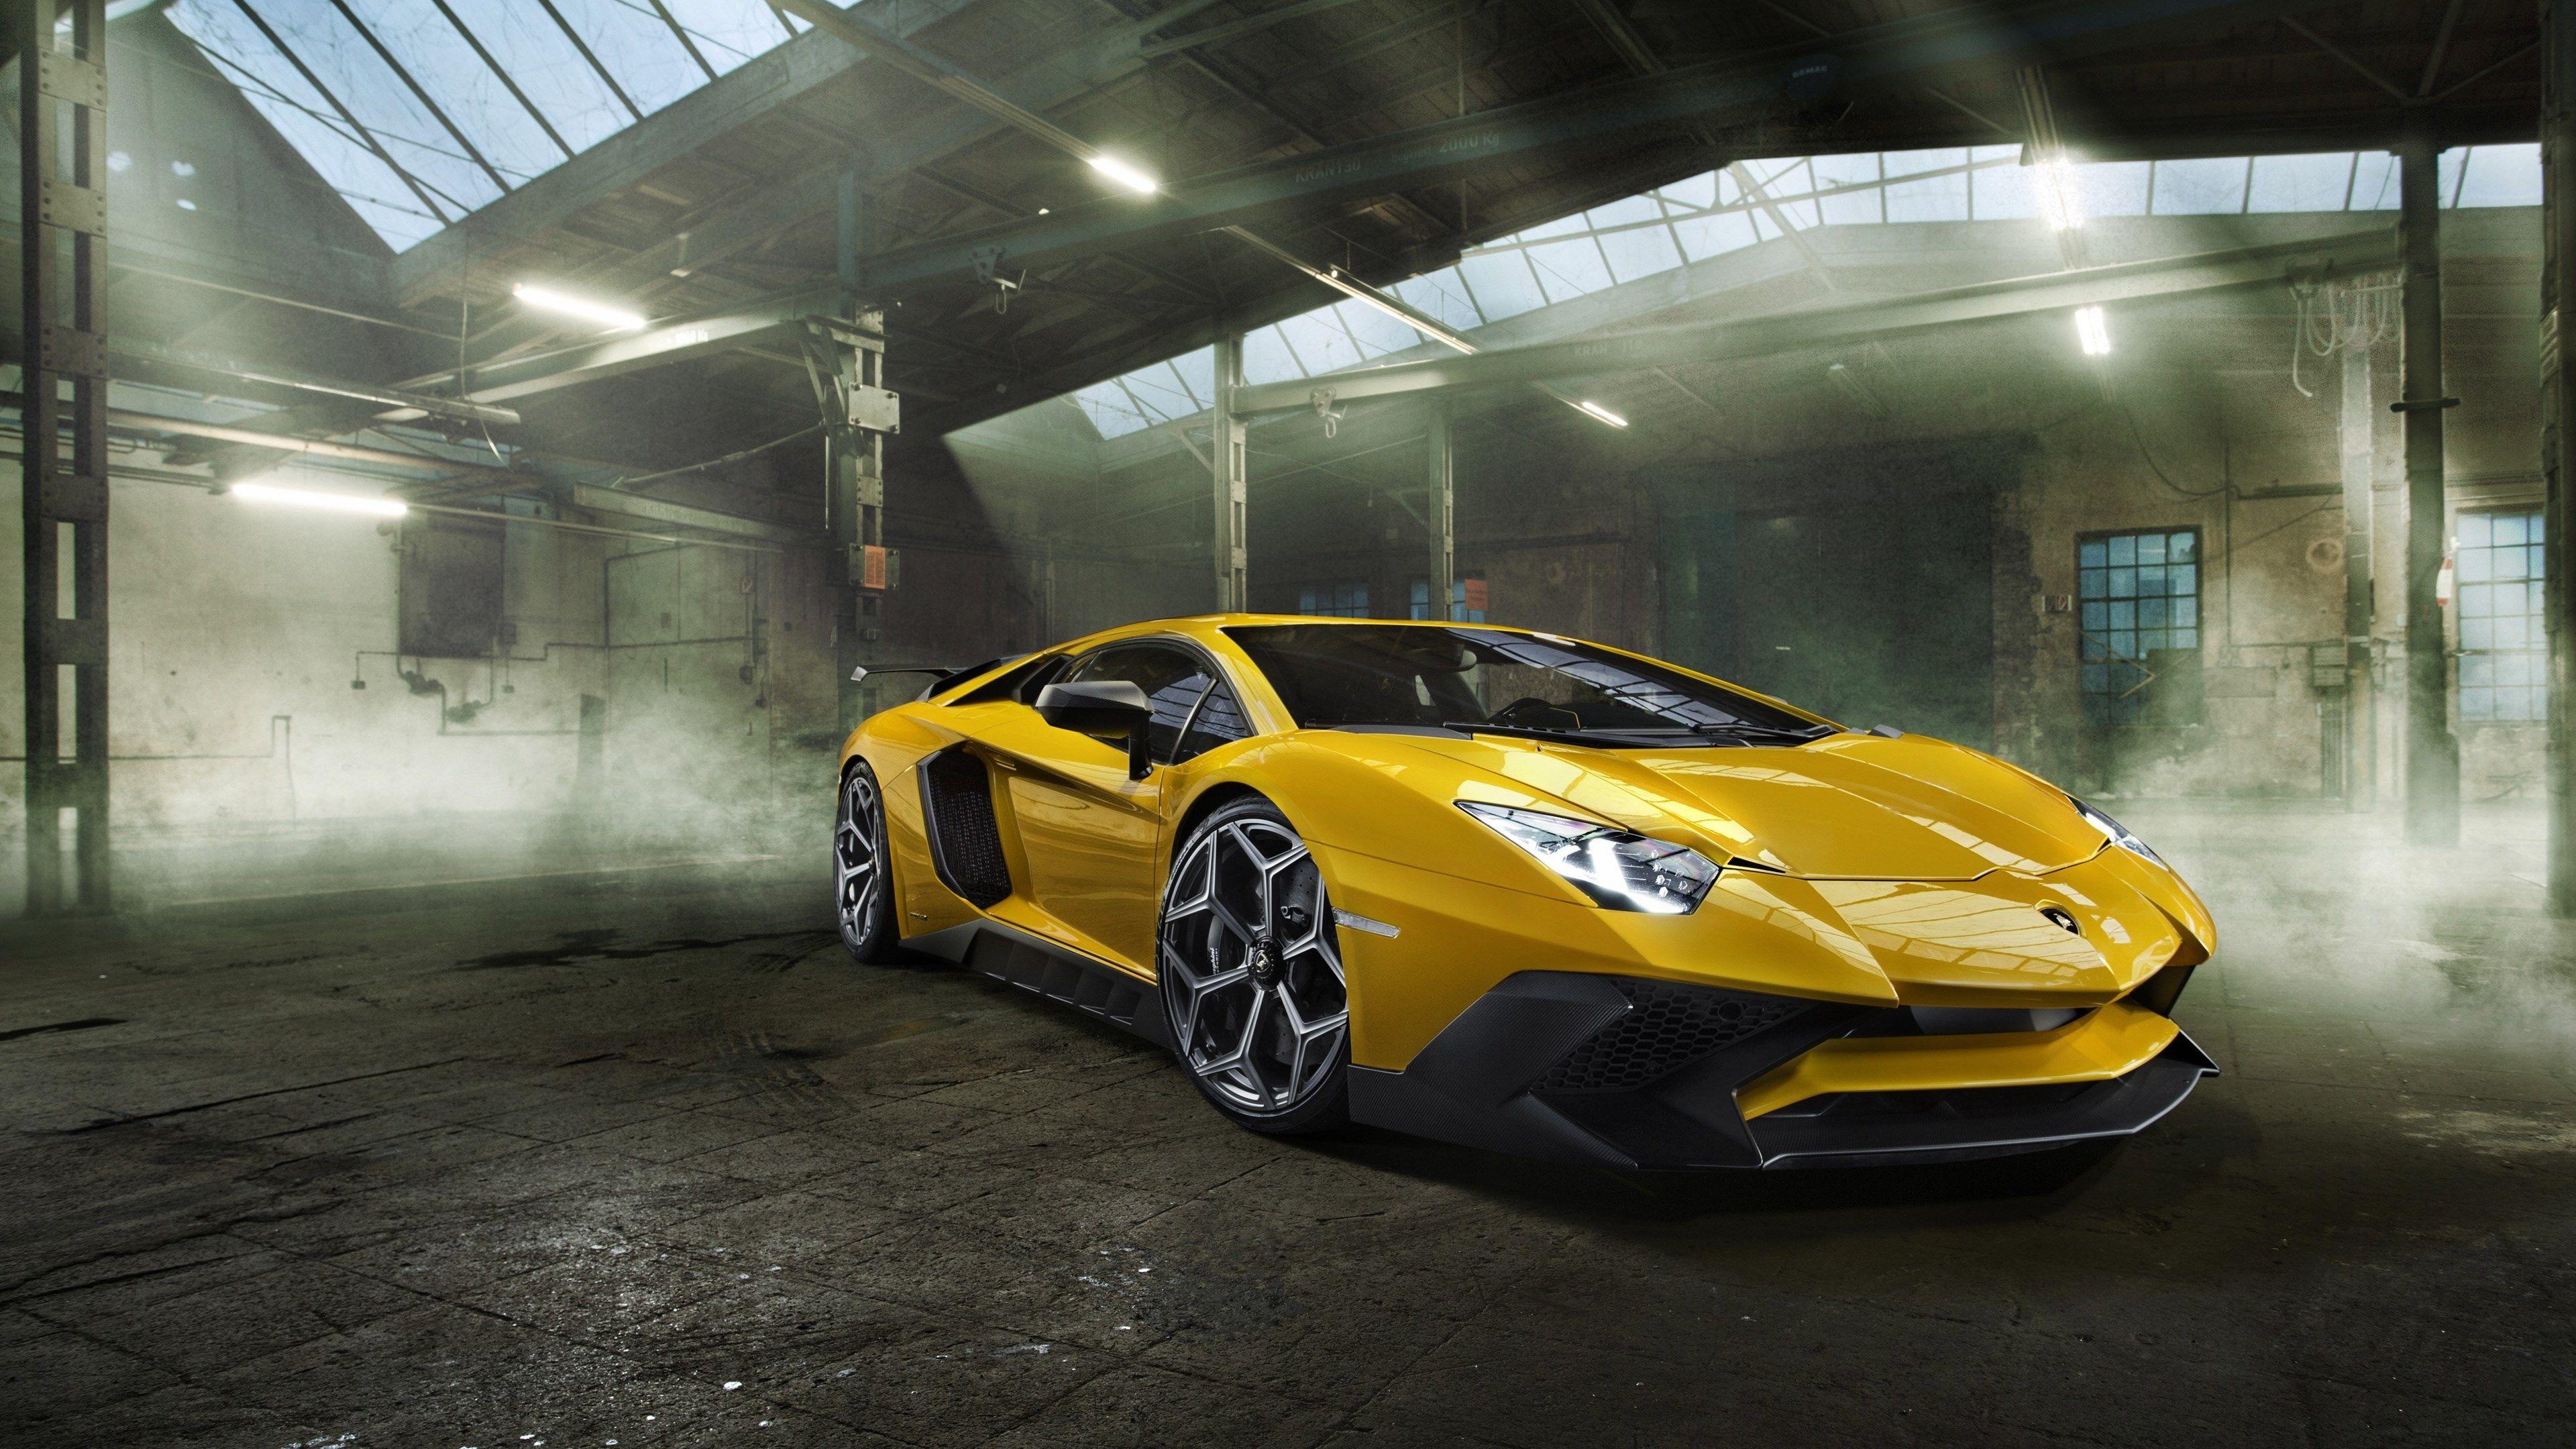 Free Screensaver Wallpapers For Lamborghini Aventador 3840x2160 1458 Kb Lamborghini Aventador Lamborghini Aventador Wallpaper Car Wallpapers